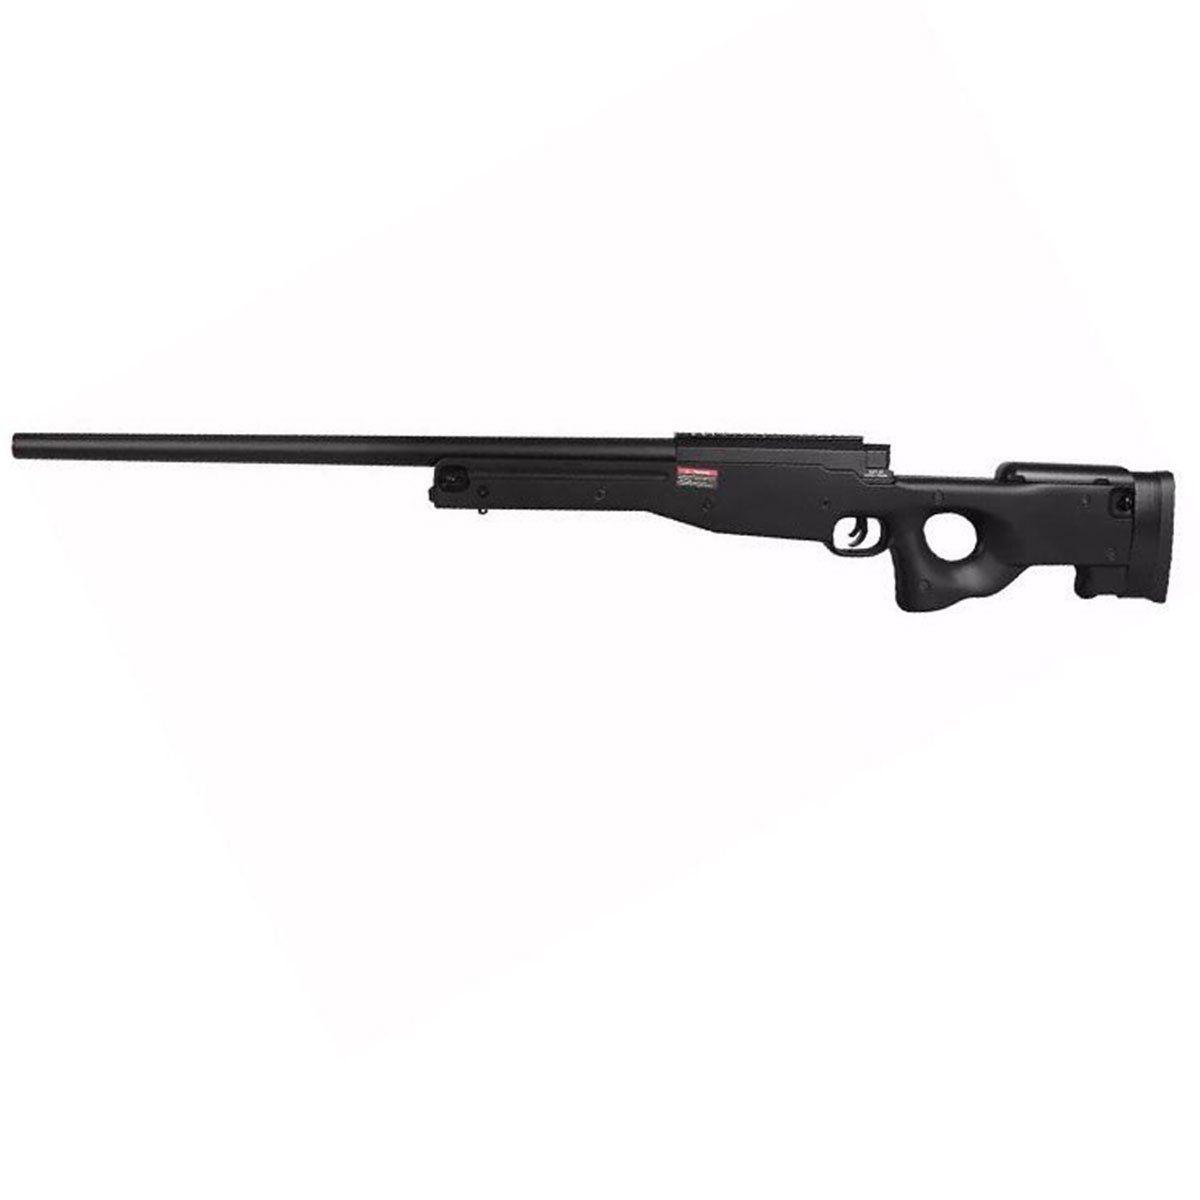 Sniper de Airsoft L96 AWS Bolt Action Evo Spring Preto